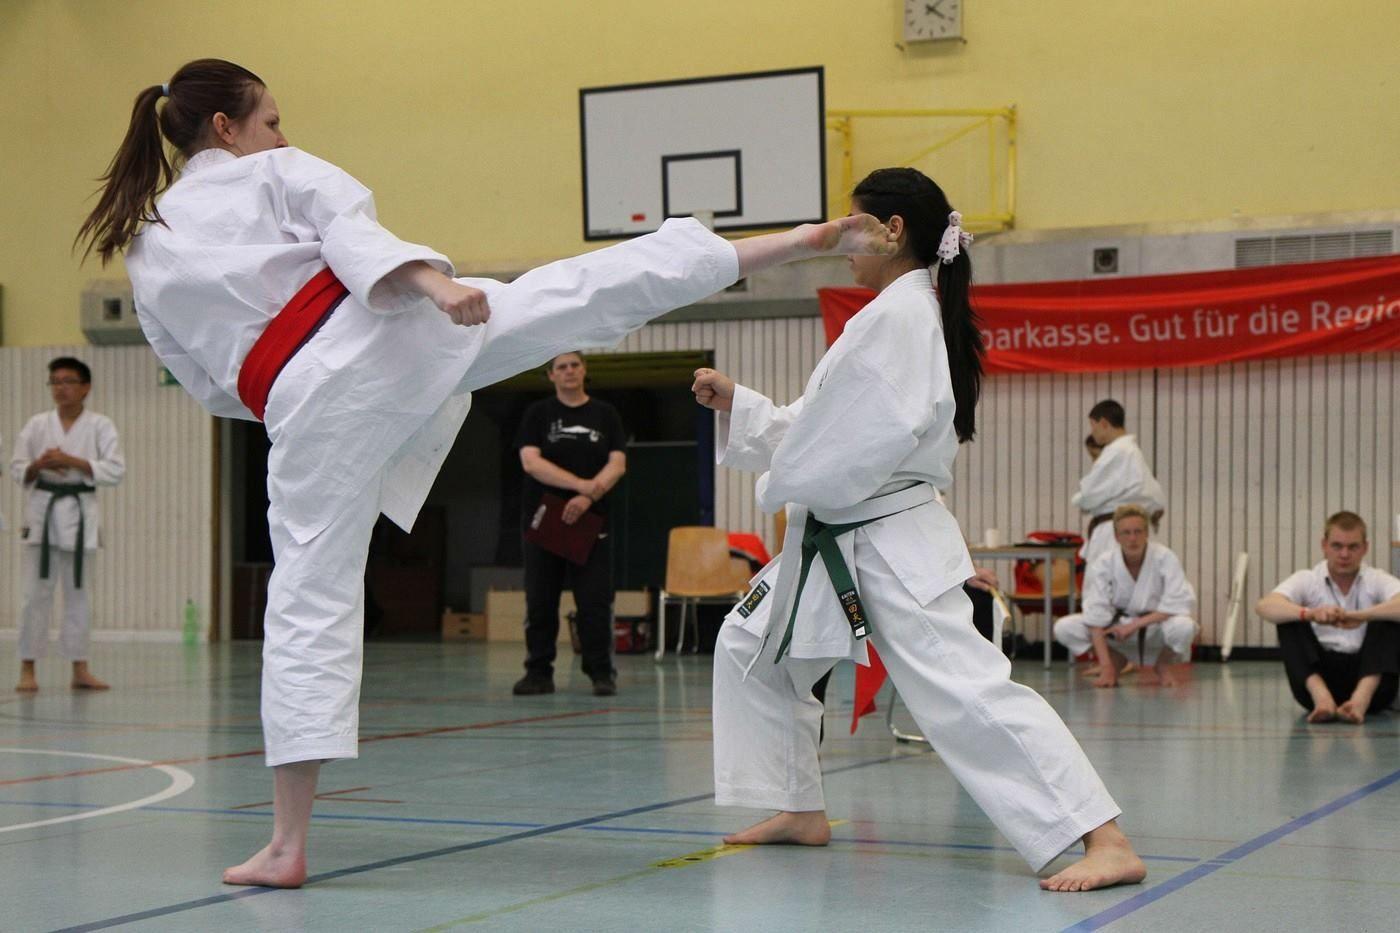 New -52 kg world judo champion, Kelmendi. Credit IJF Media